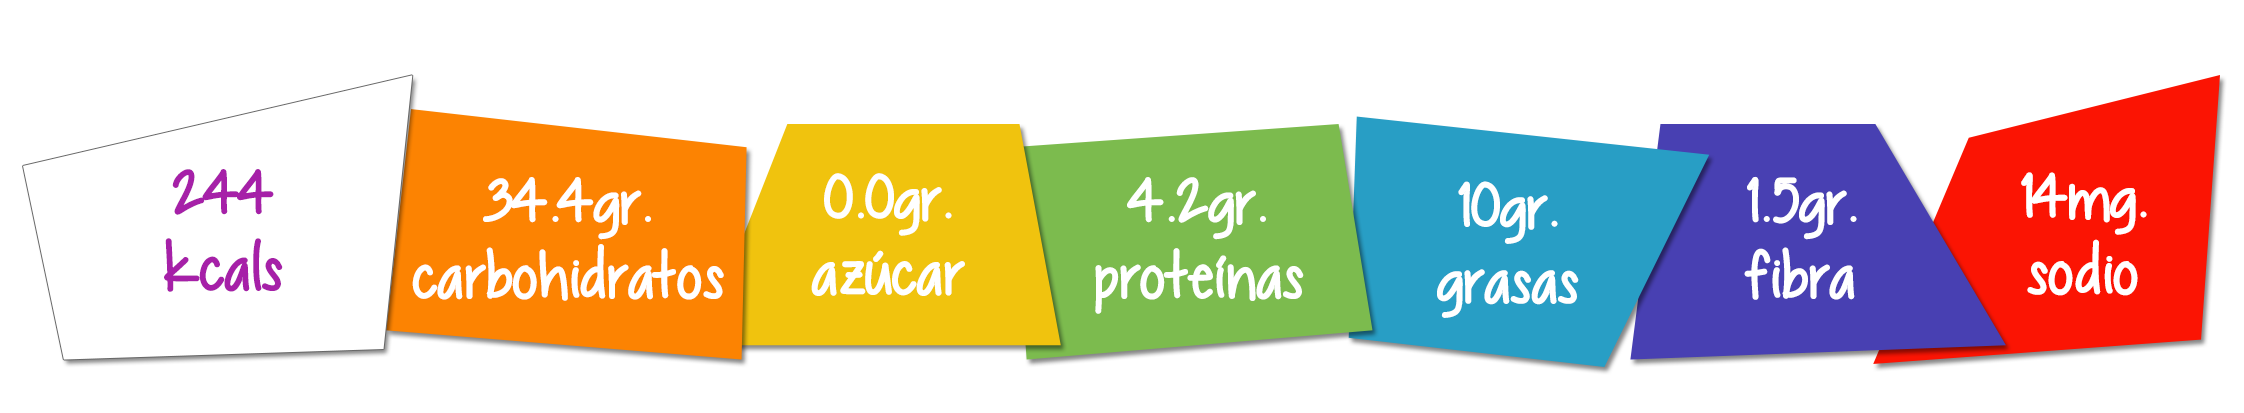 tabla_nutricional_barritas